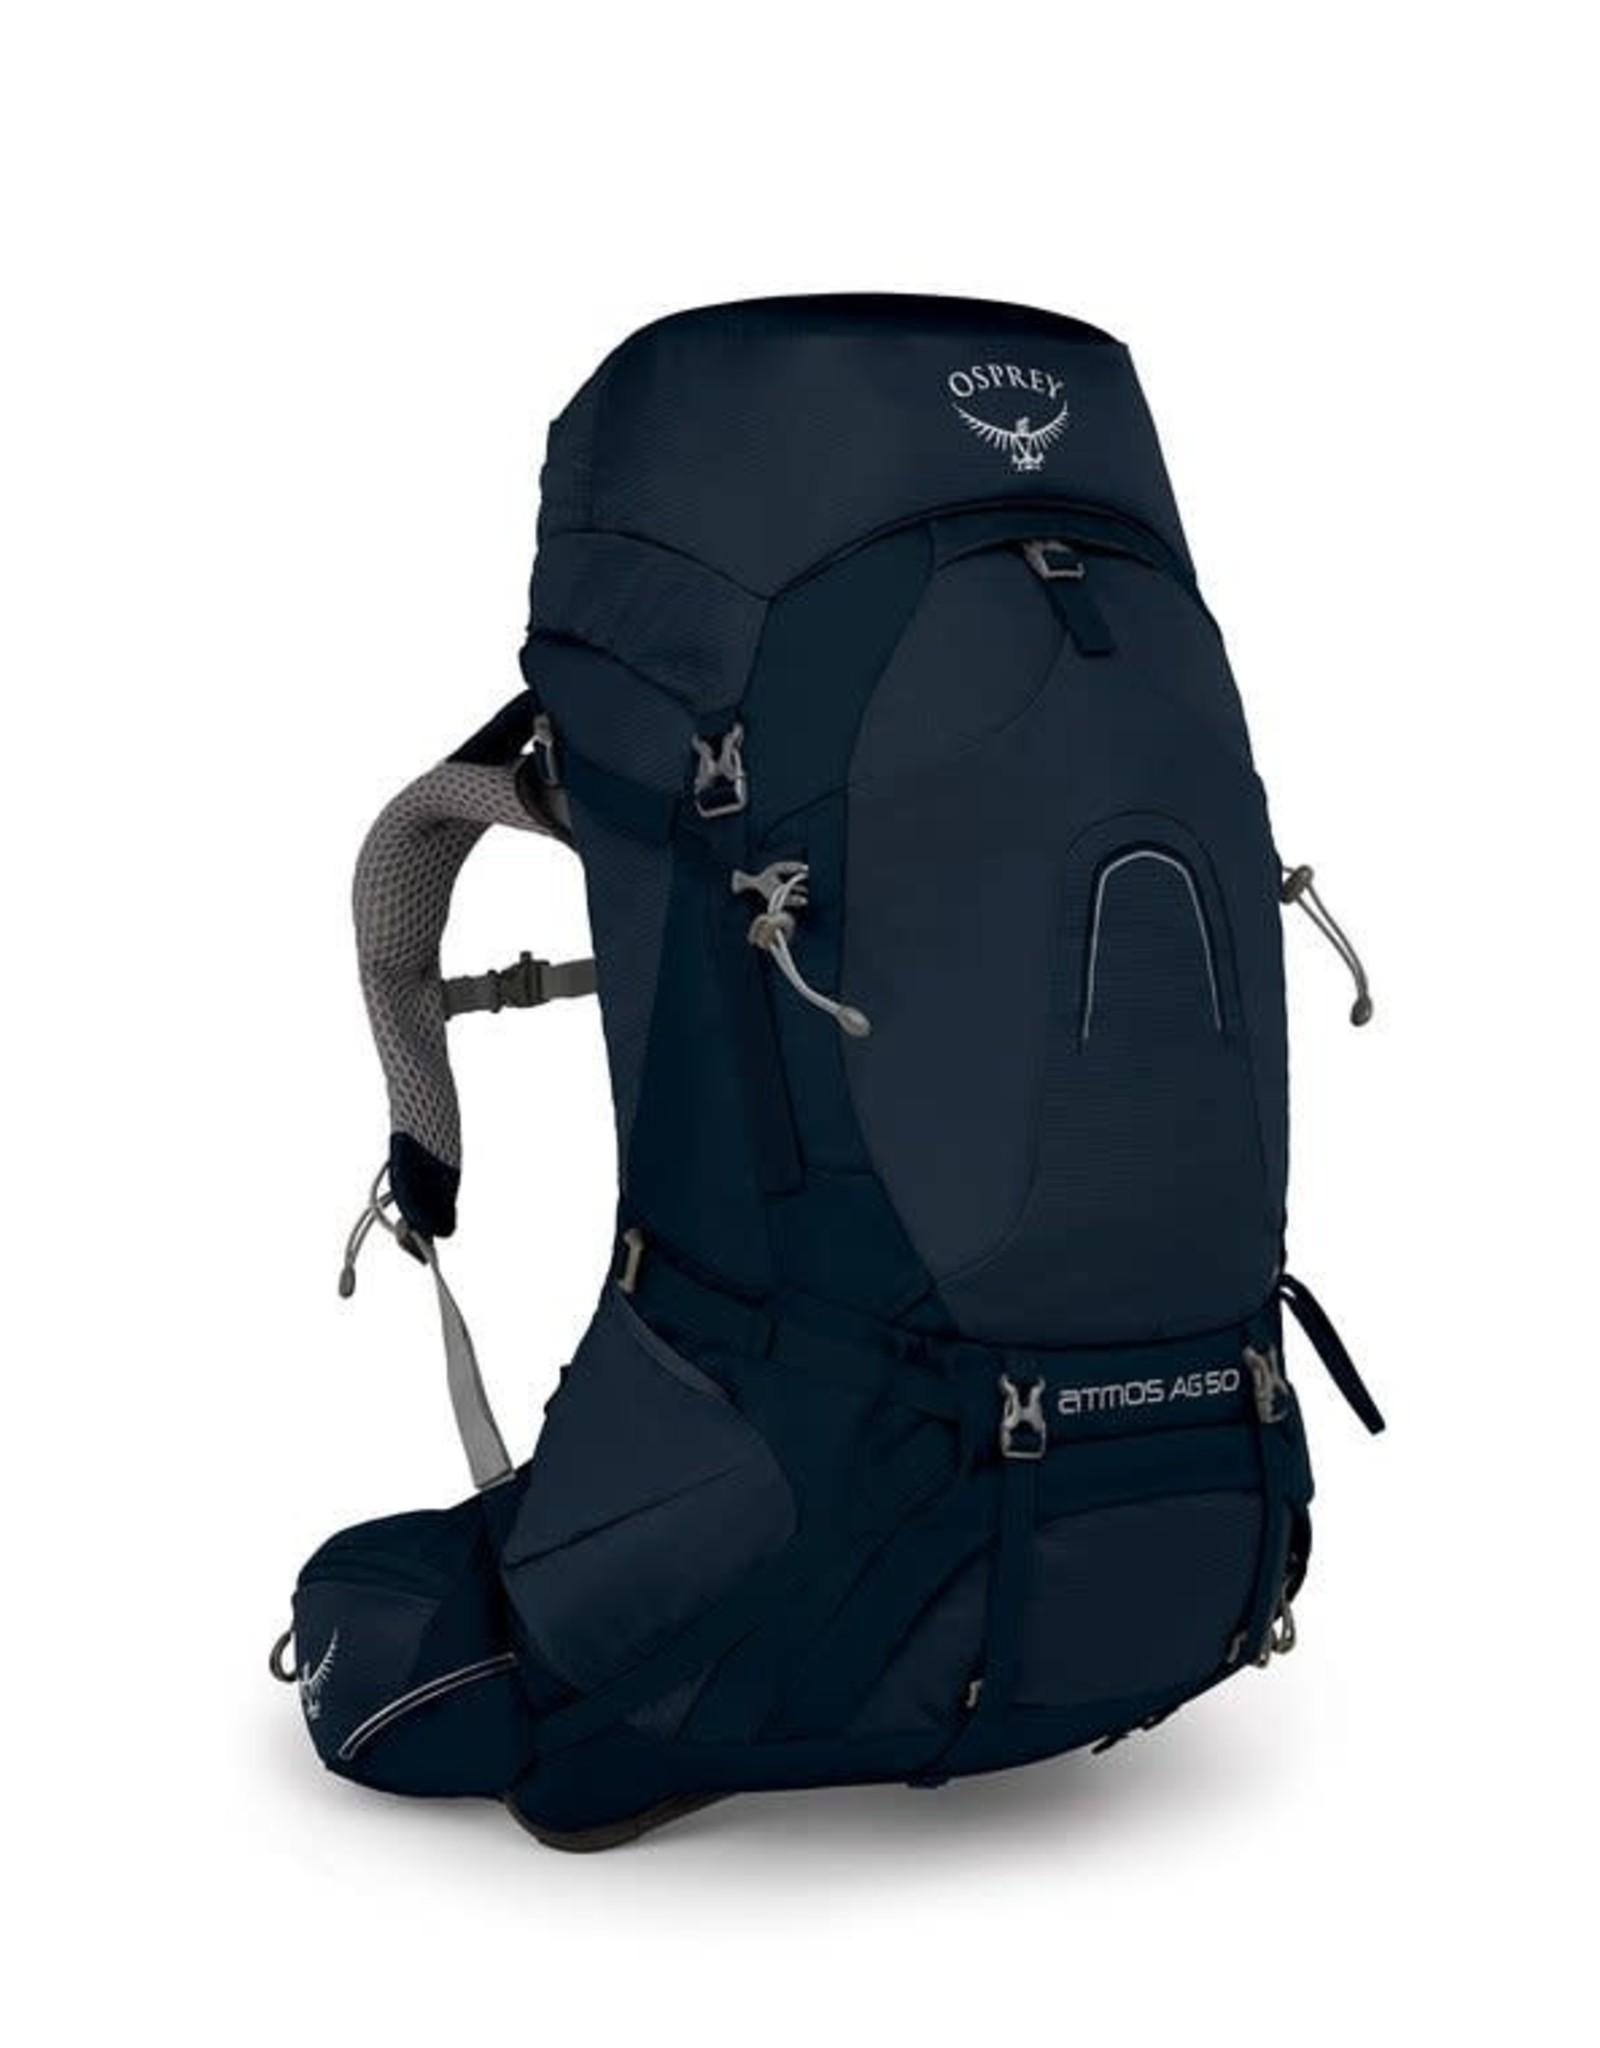 Osprey Osprey Atmos AG 50 Men's Pack